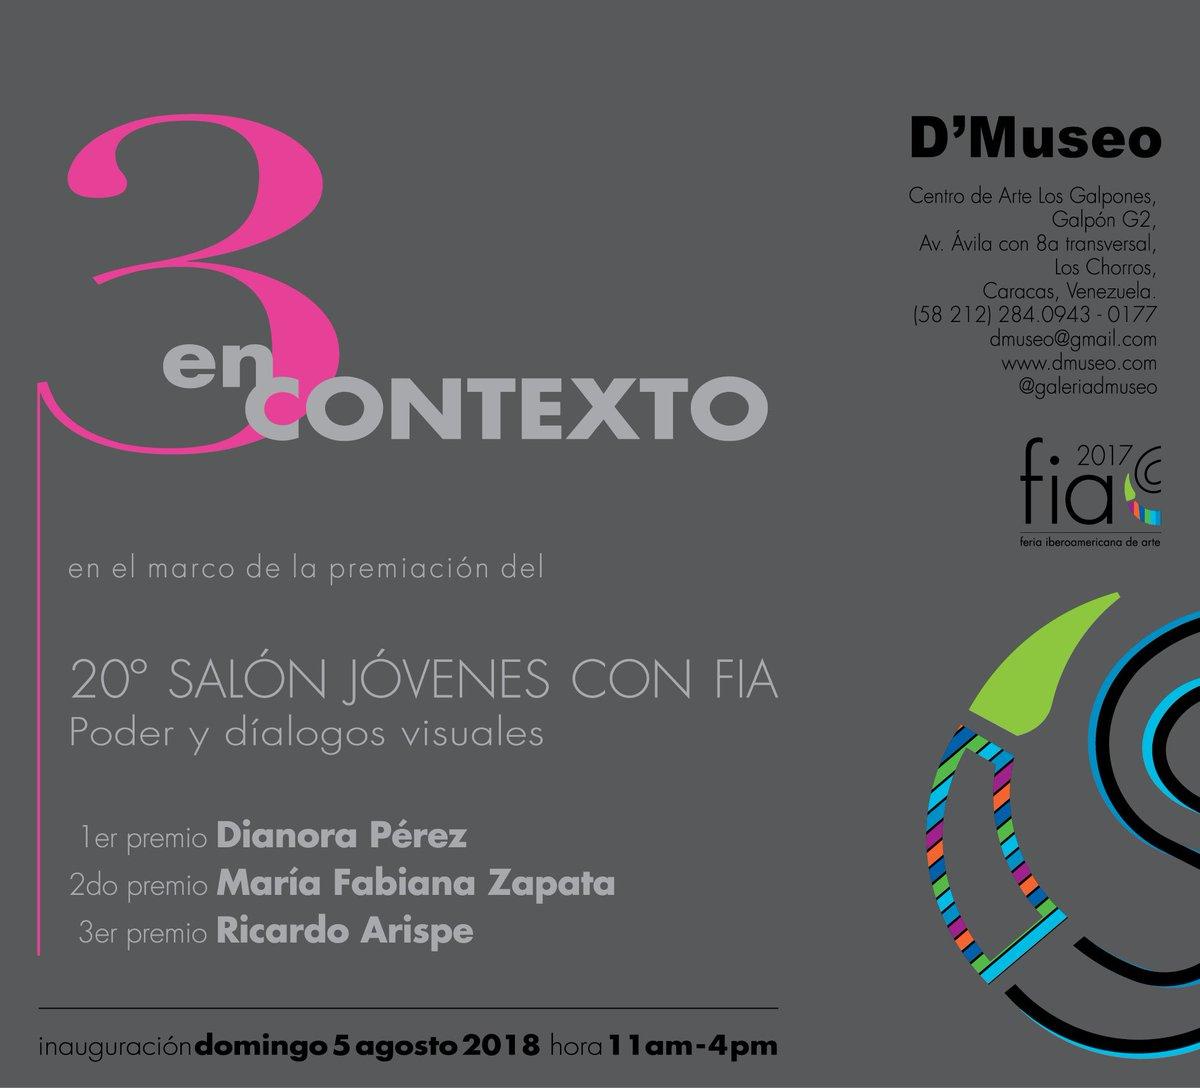 Galería D\'Museo (@GaleriaDMuseo)   Twitter